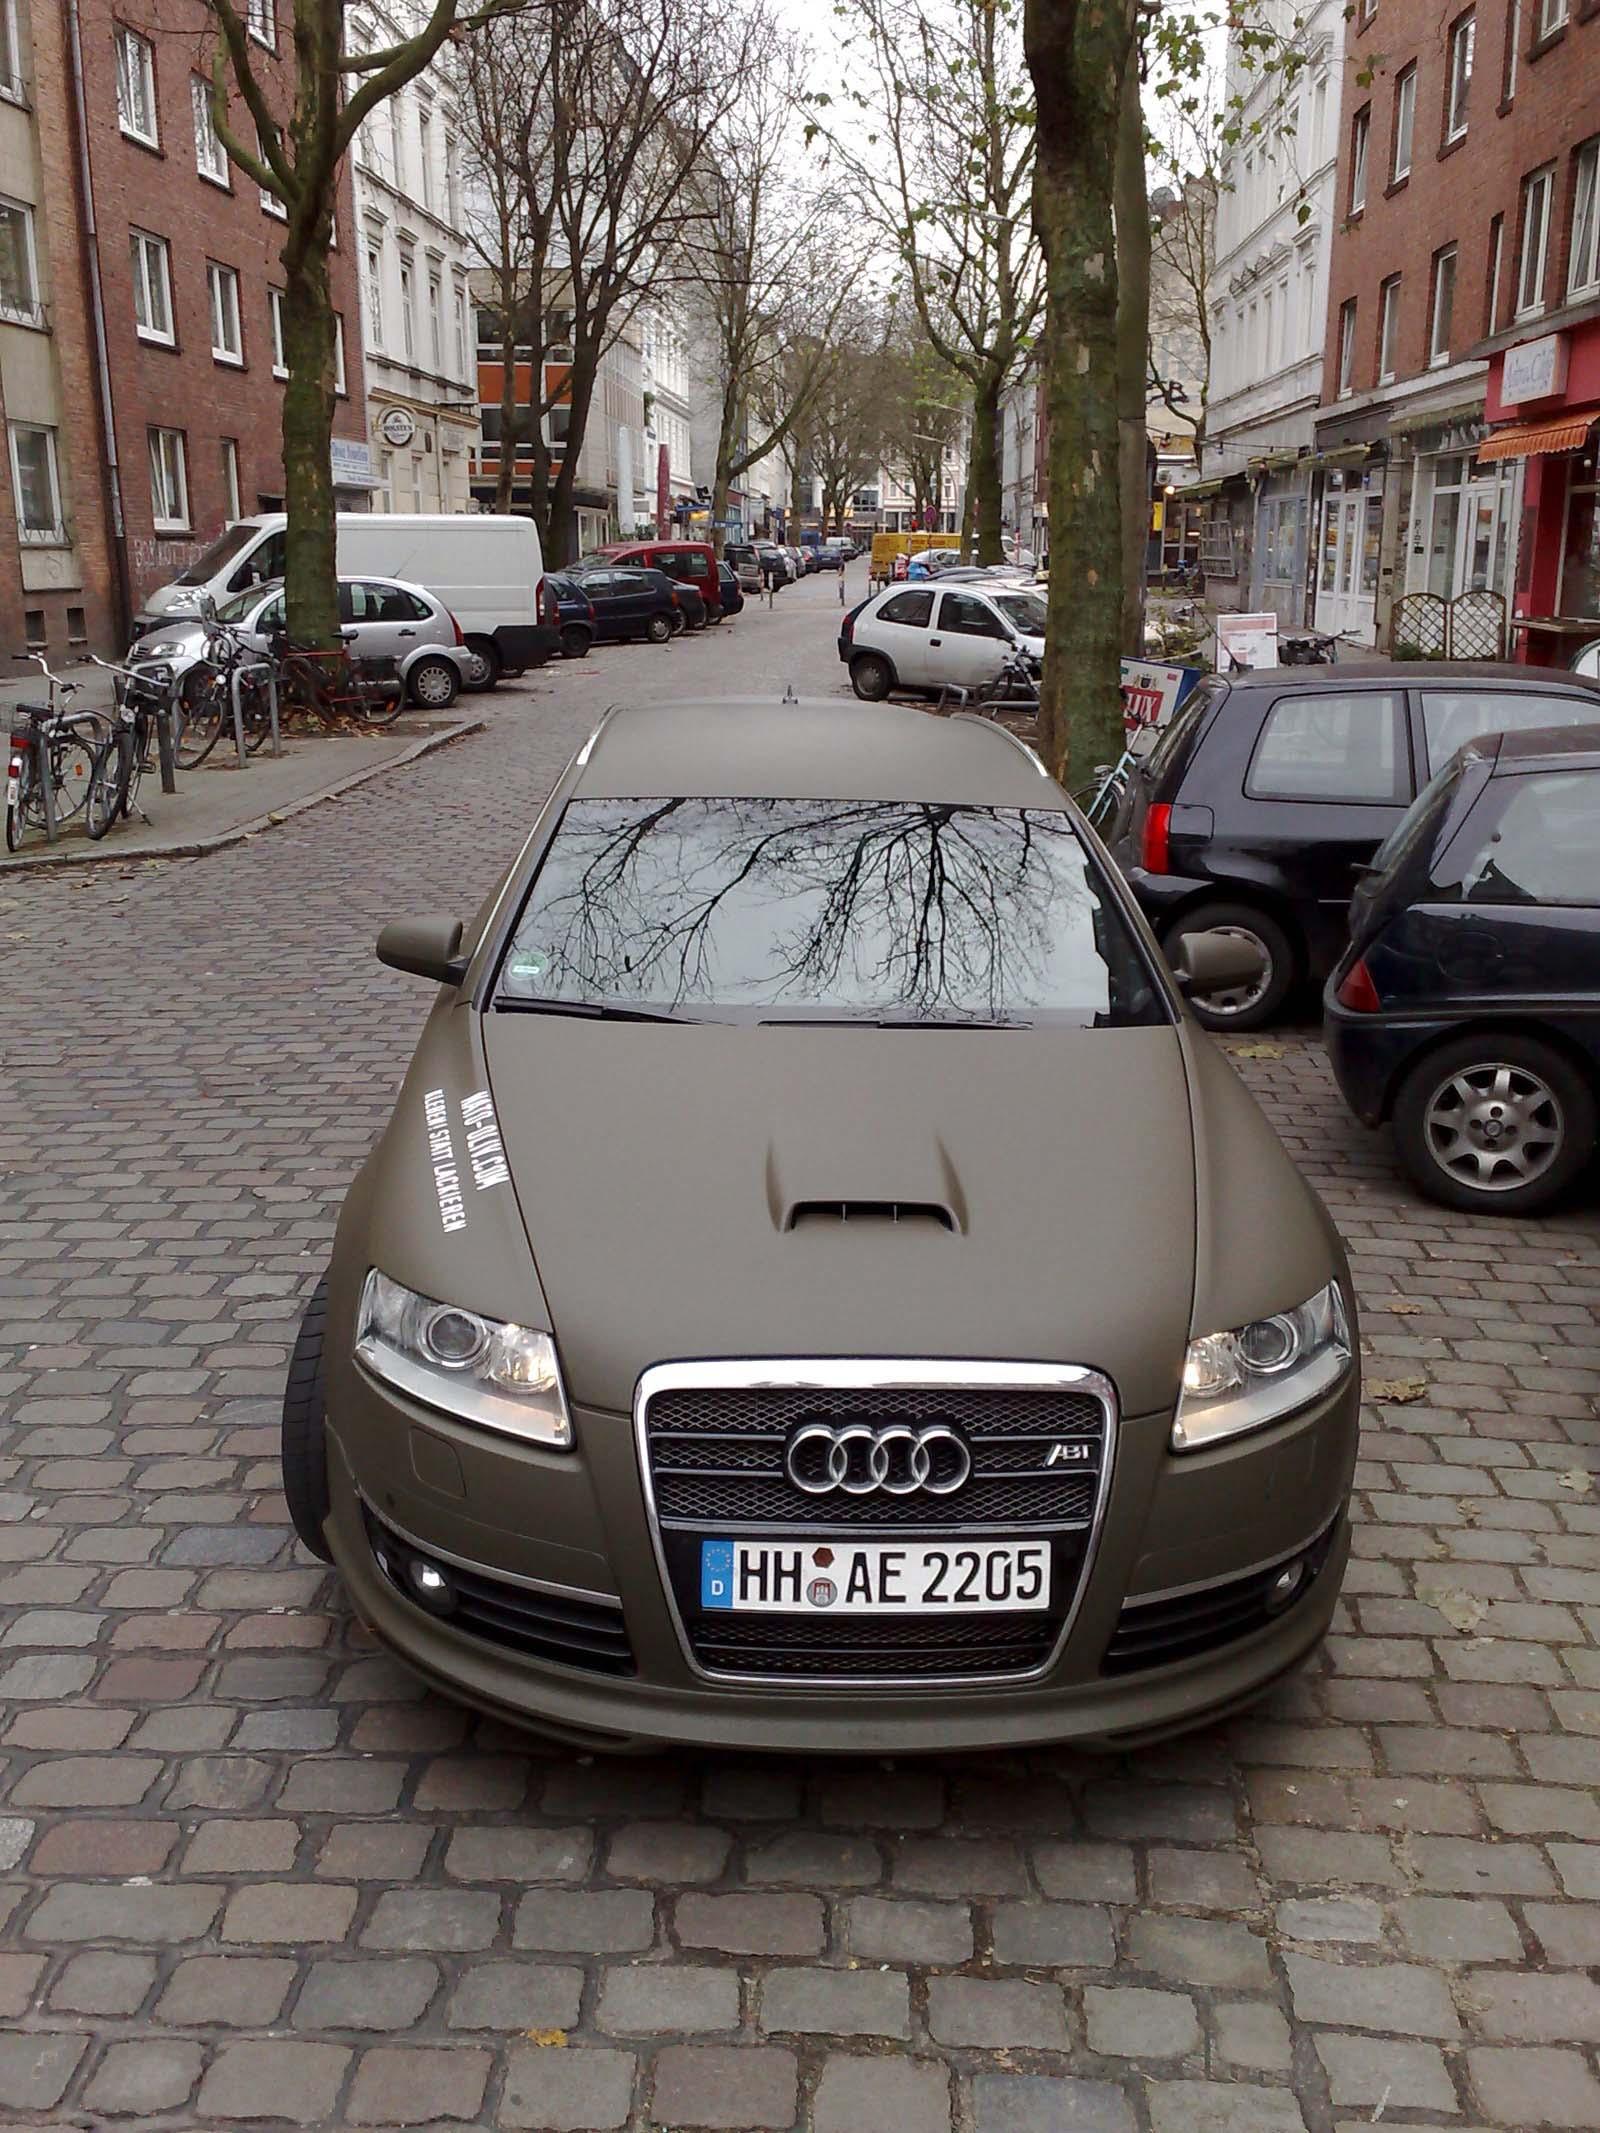 Audi_A6_Nato-Oliv_Folie_Beschriftung_08